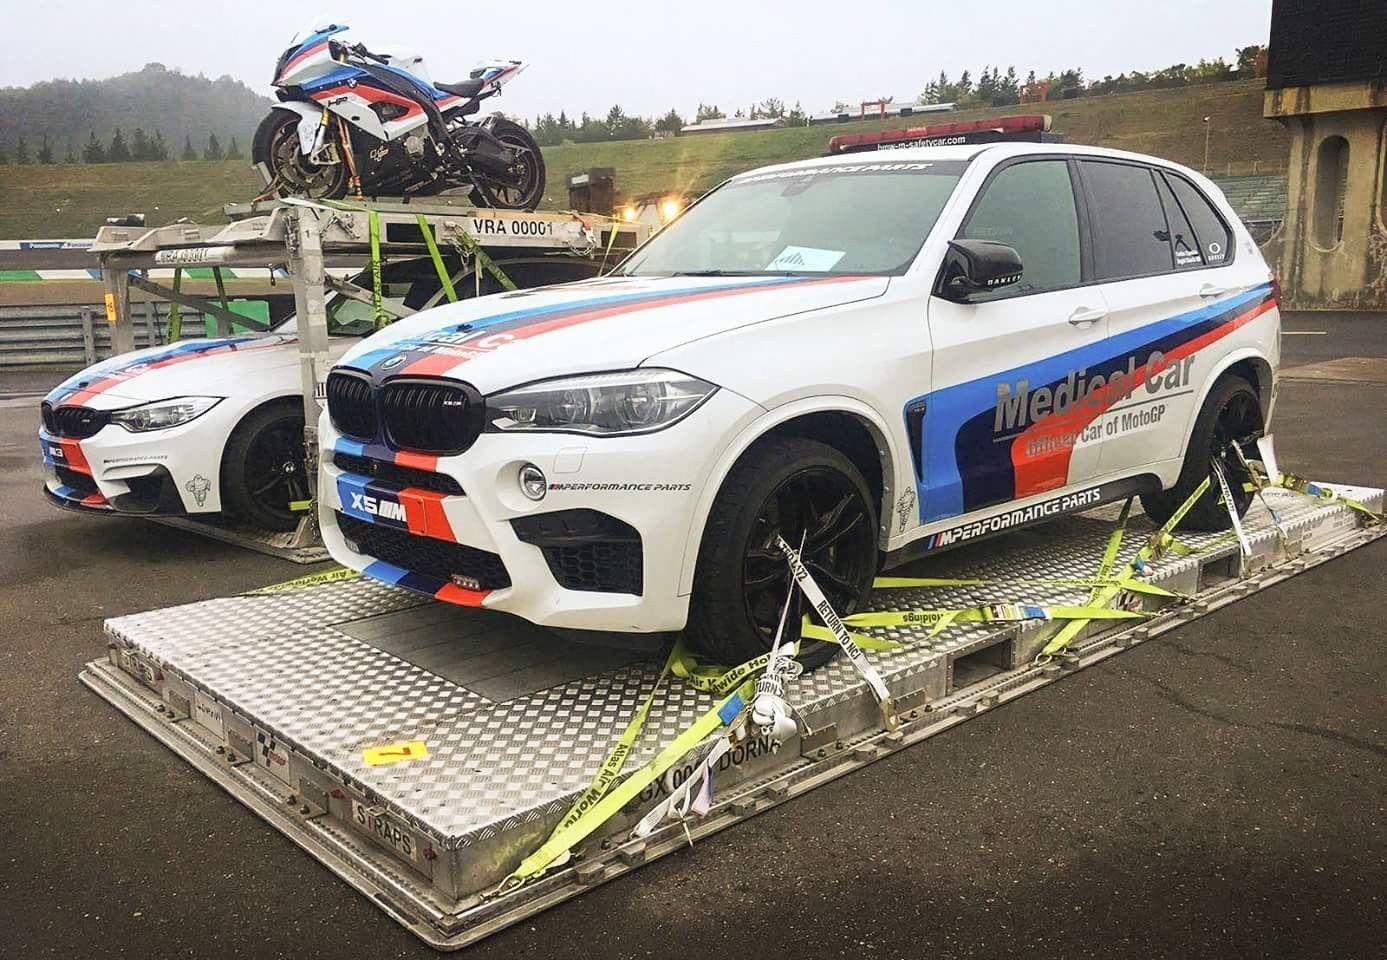 BMW M3 Moto GP Safety Car safety, Medical safety, Motorsport